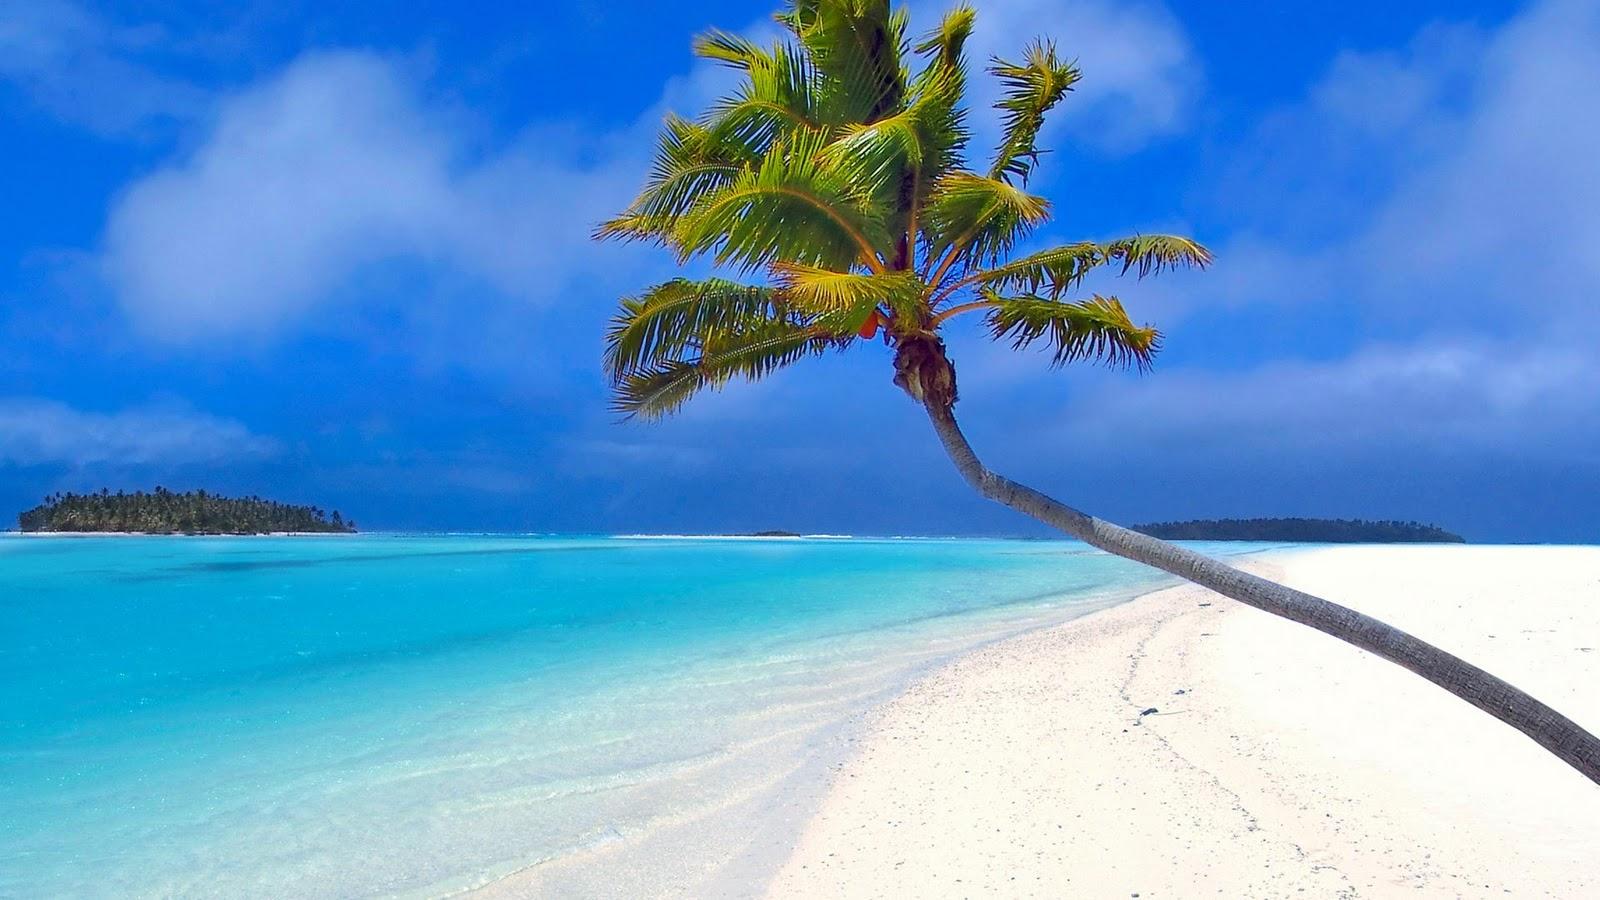 Best Desktop HD Wallpaper - Ocean Wallpapers